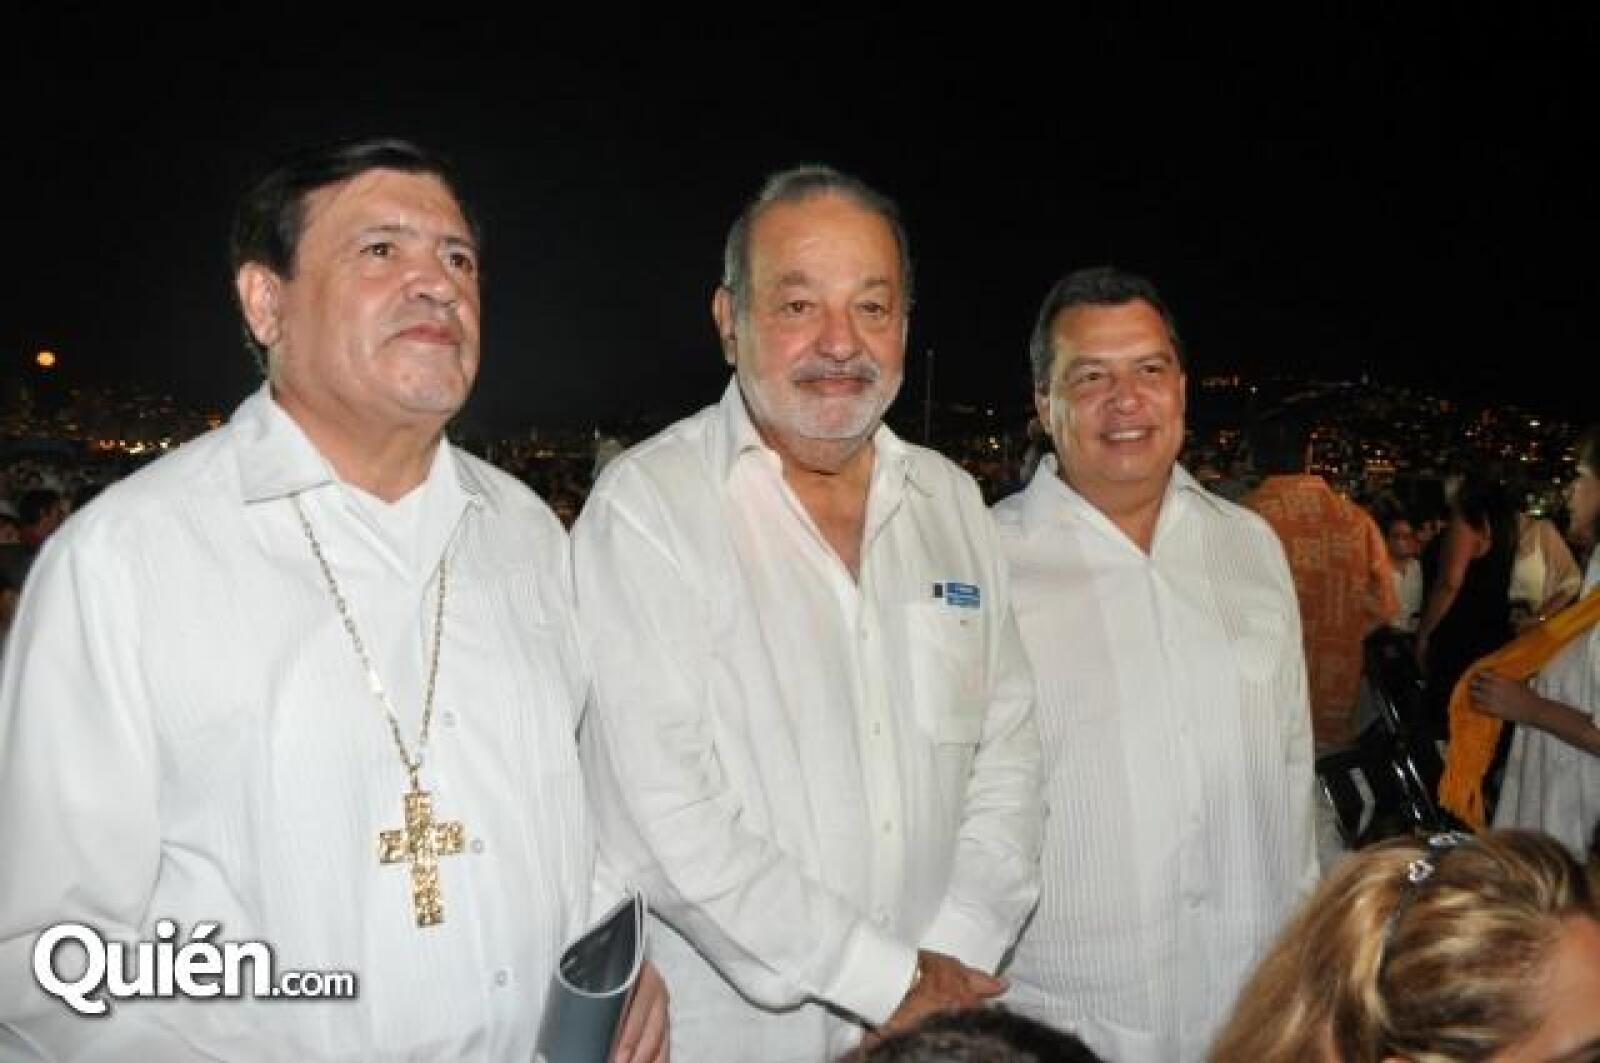 El Cardenal Norberto Rivera Carrera, Carlos Slim y el gobernador de Guerrero, Ángel Aguirre Rivero.